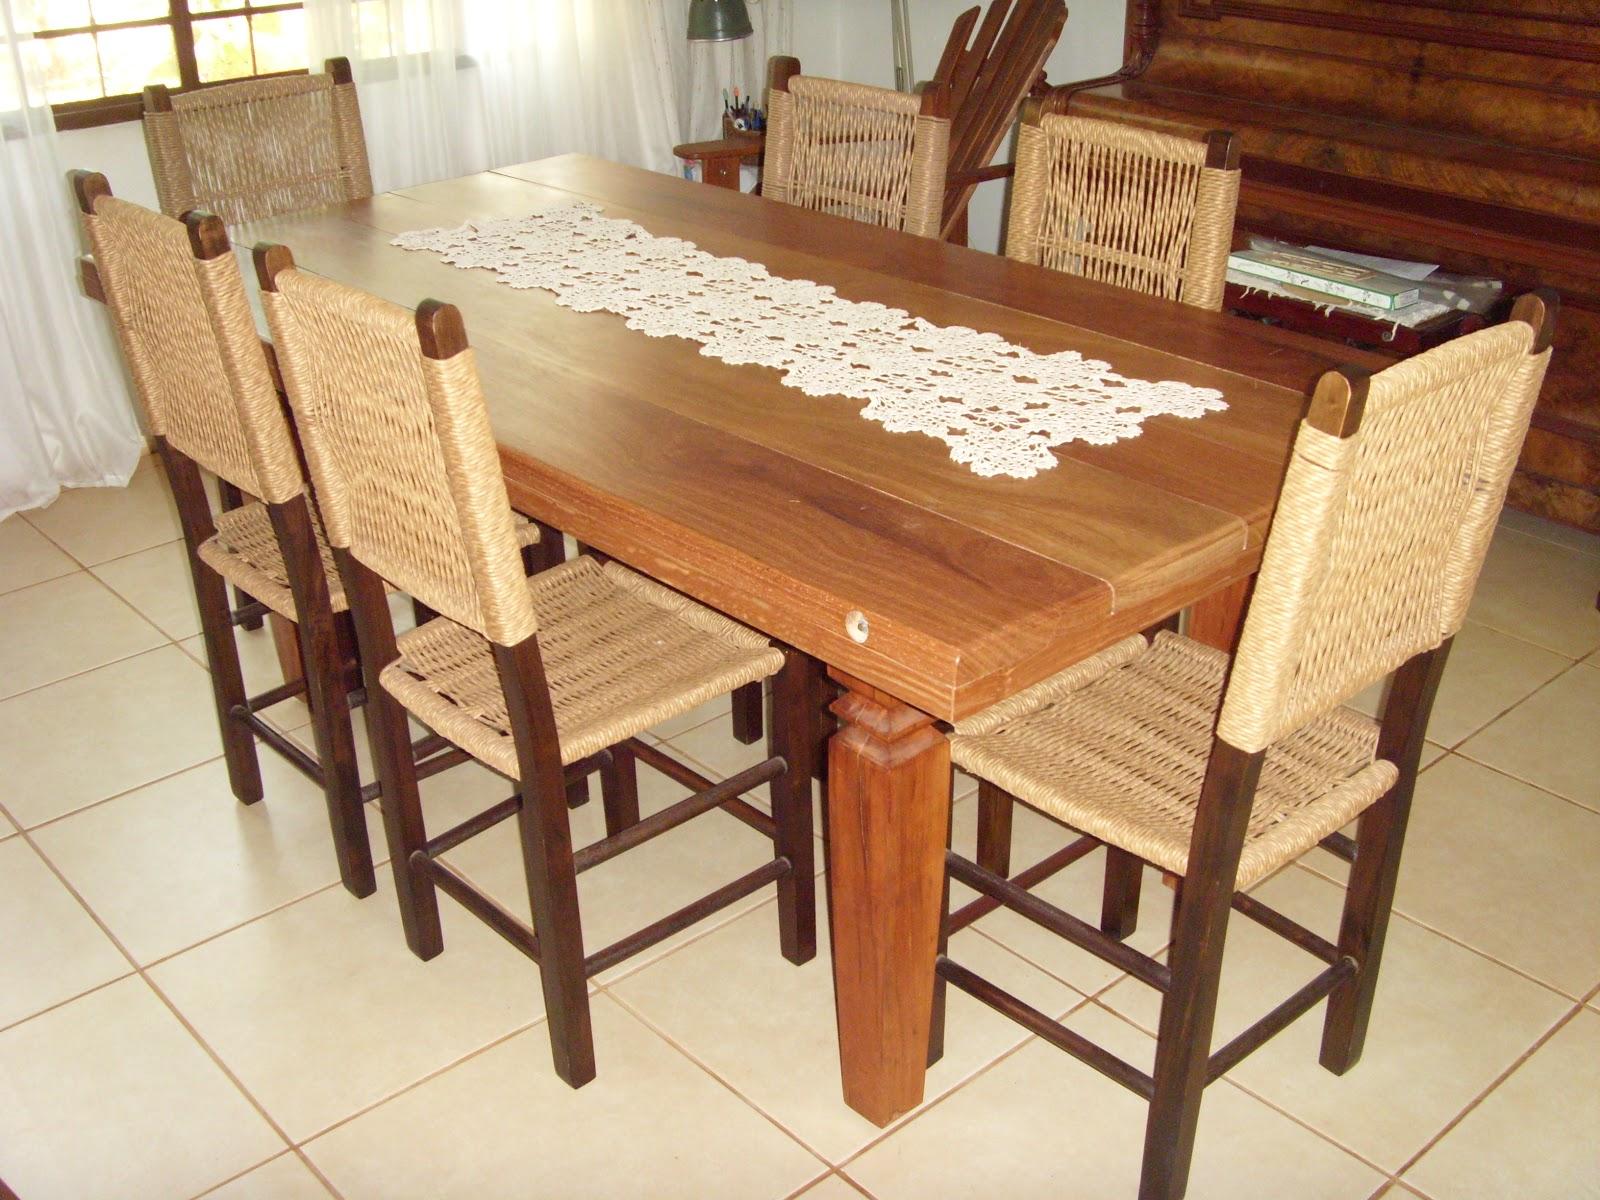 BAZAR DE CASA: Sala de jantar estilo colonial com 06 cadeiras #A94E22 1600x1200